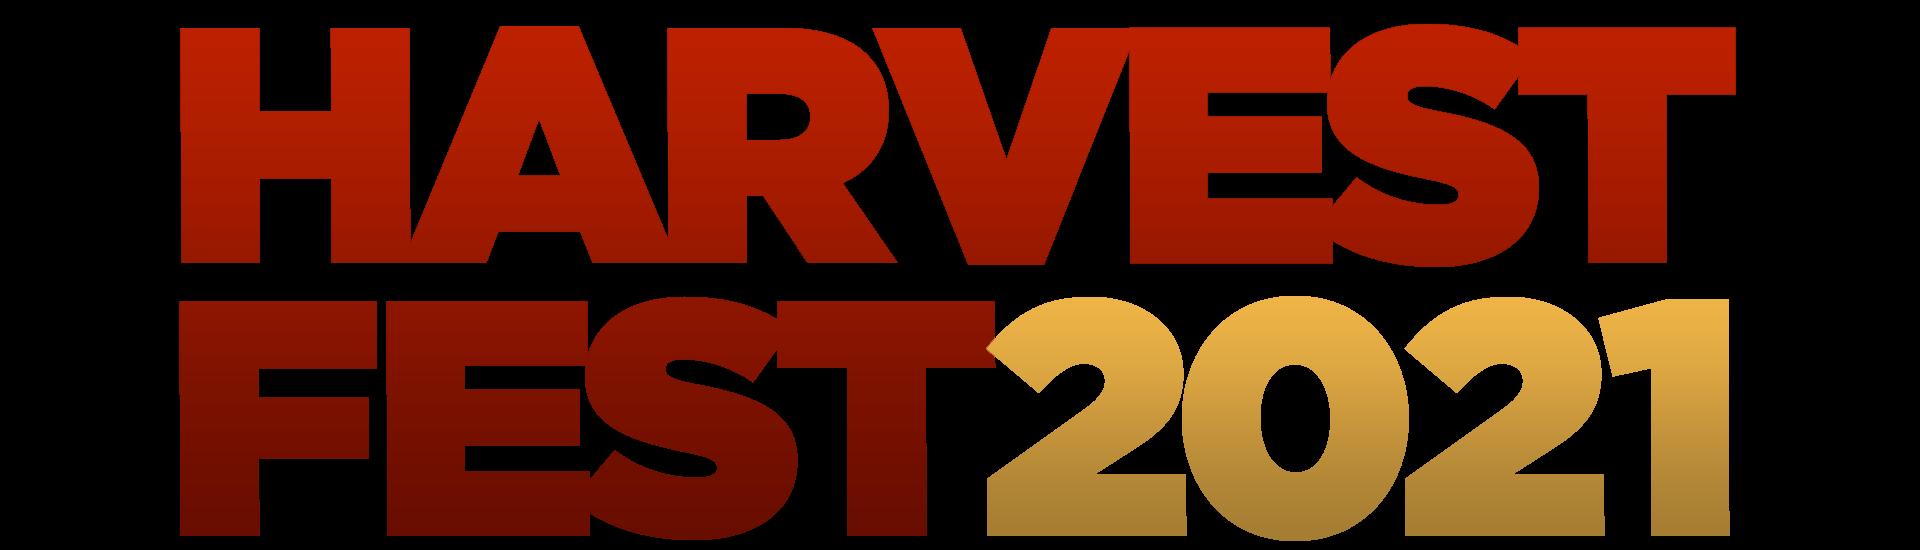 Harvestfest 2020